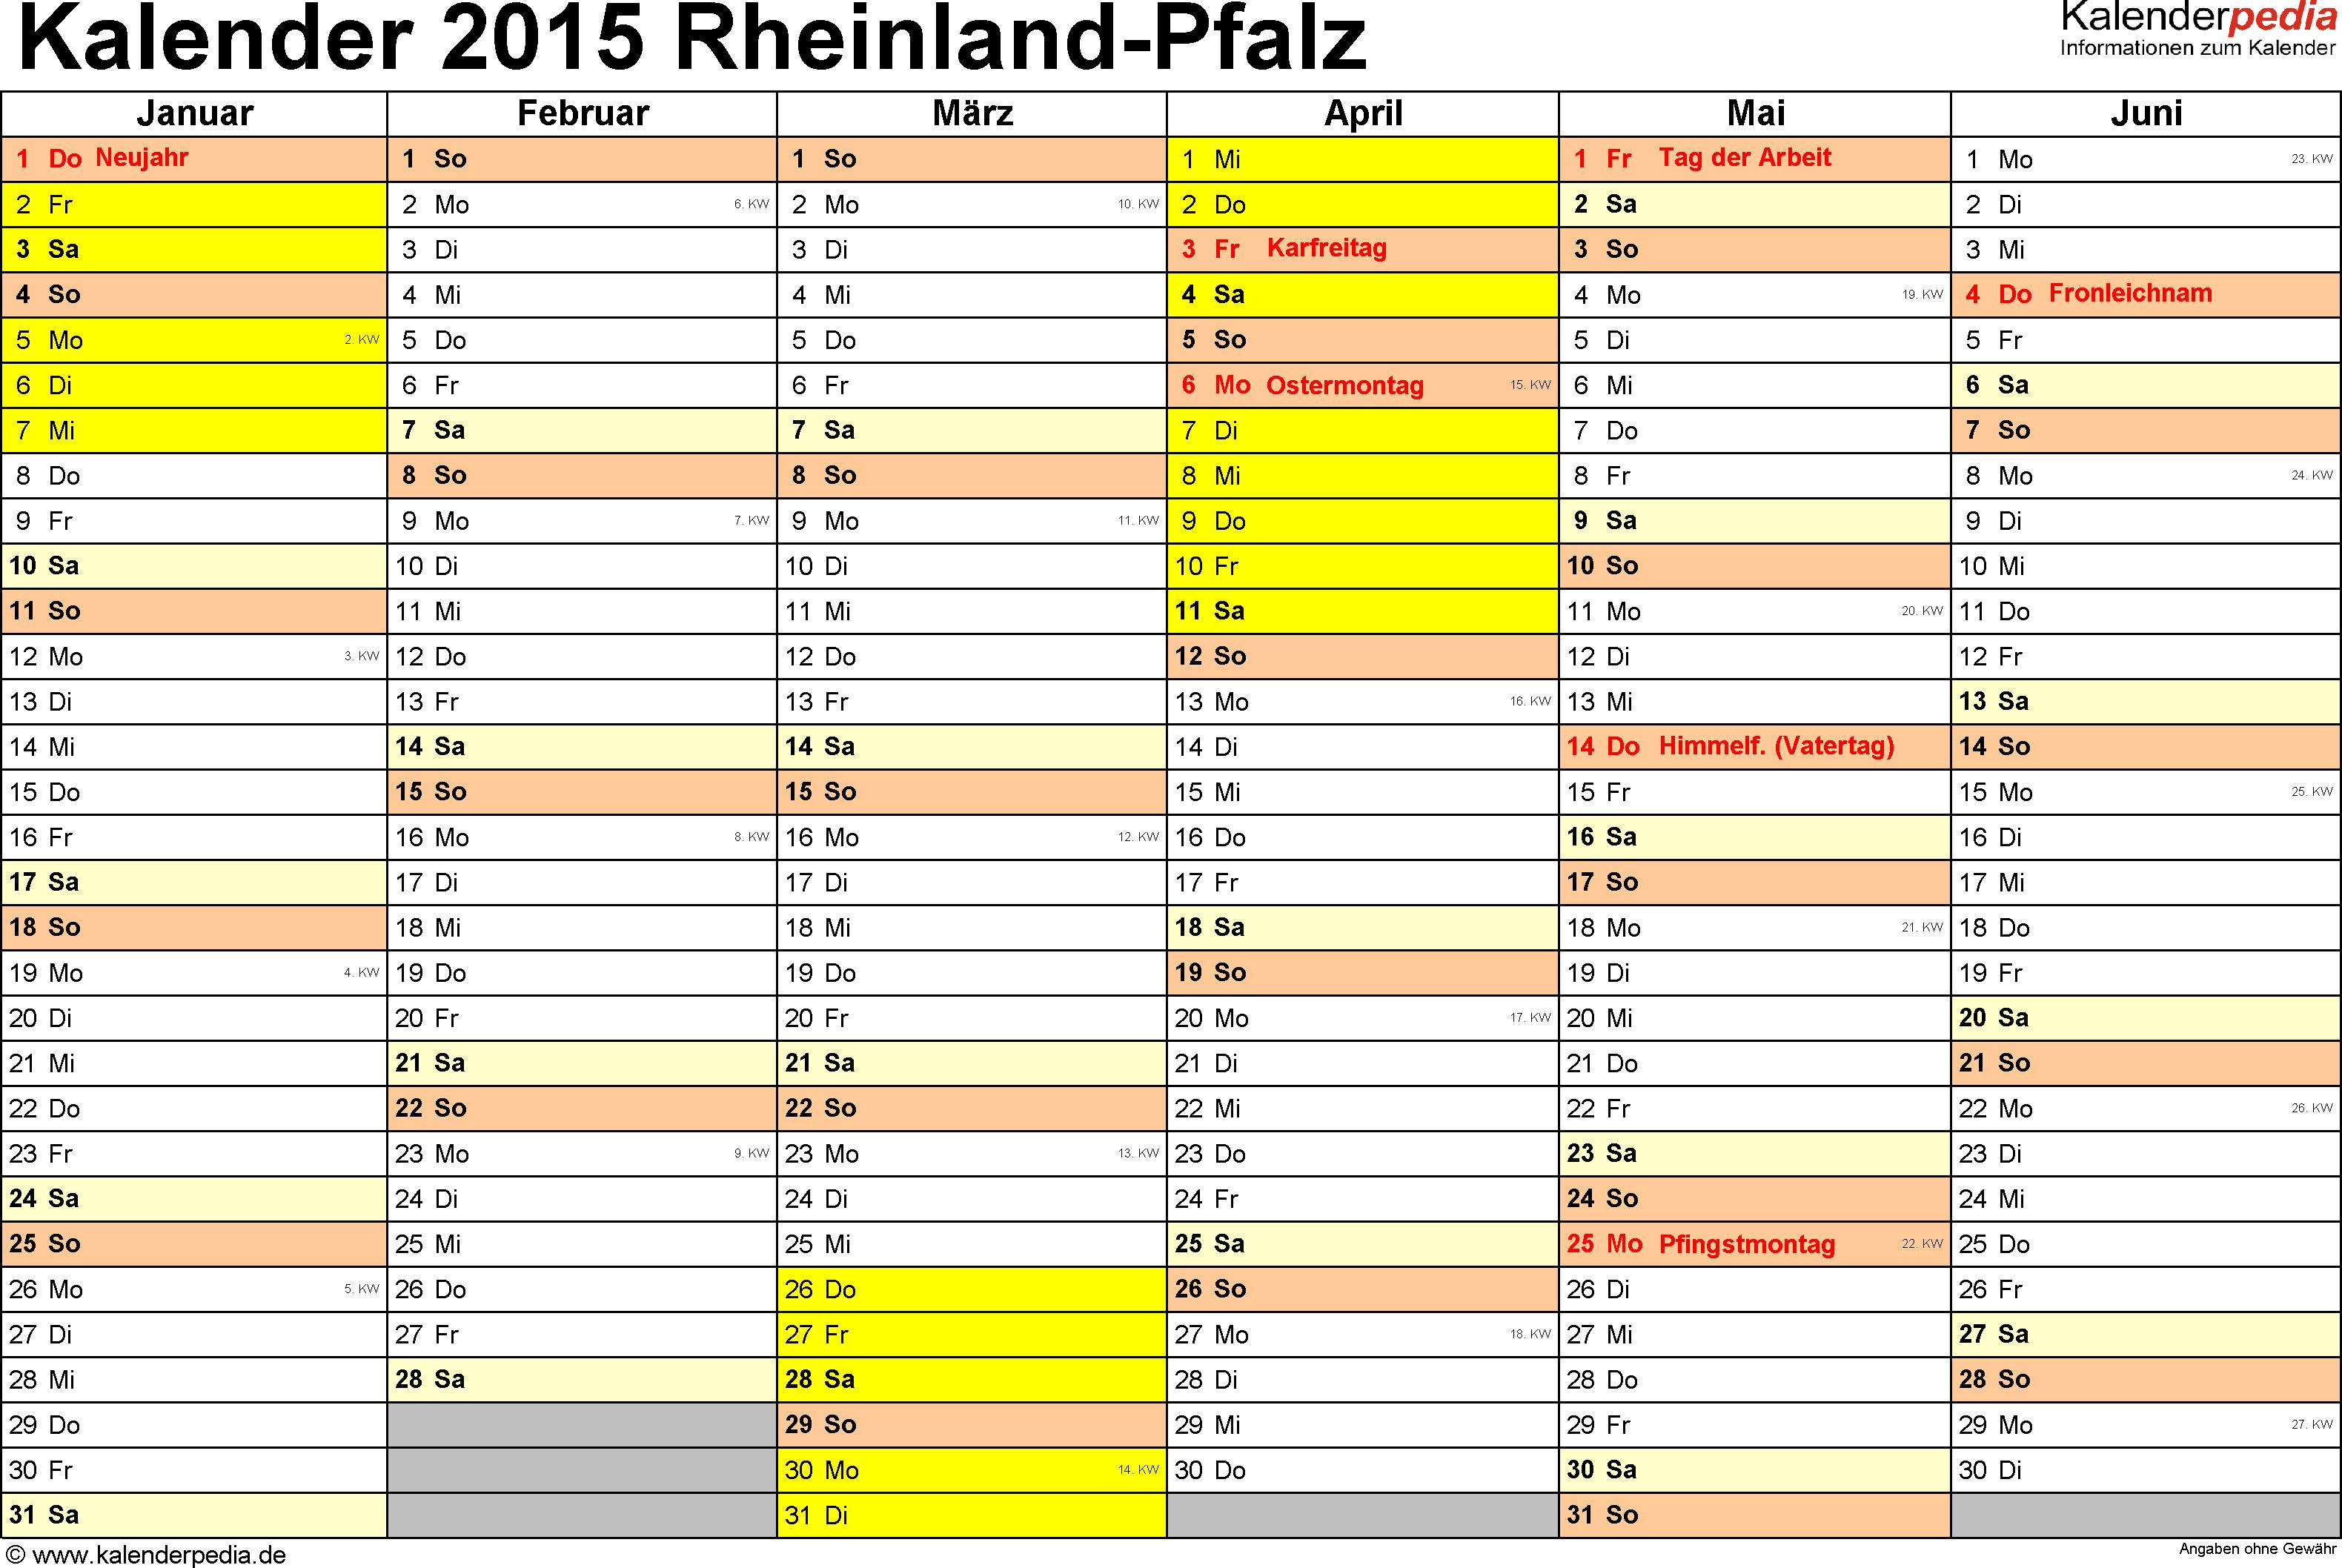 Vorlage 2: Kalender 2015 für Rheinland-Pfalz als Excel-Vorlage (Querformat, 2 Seiten)